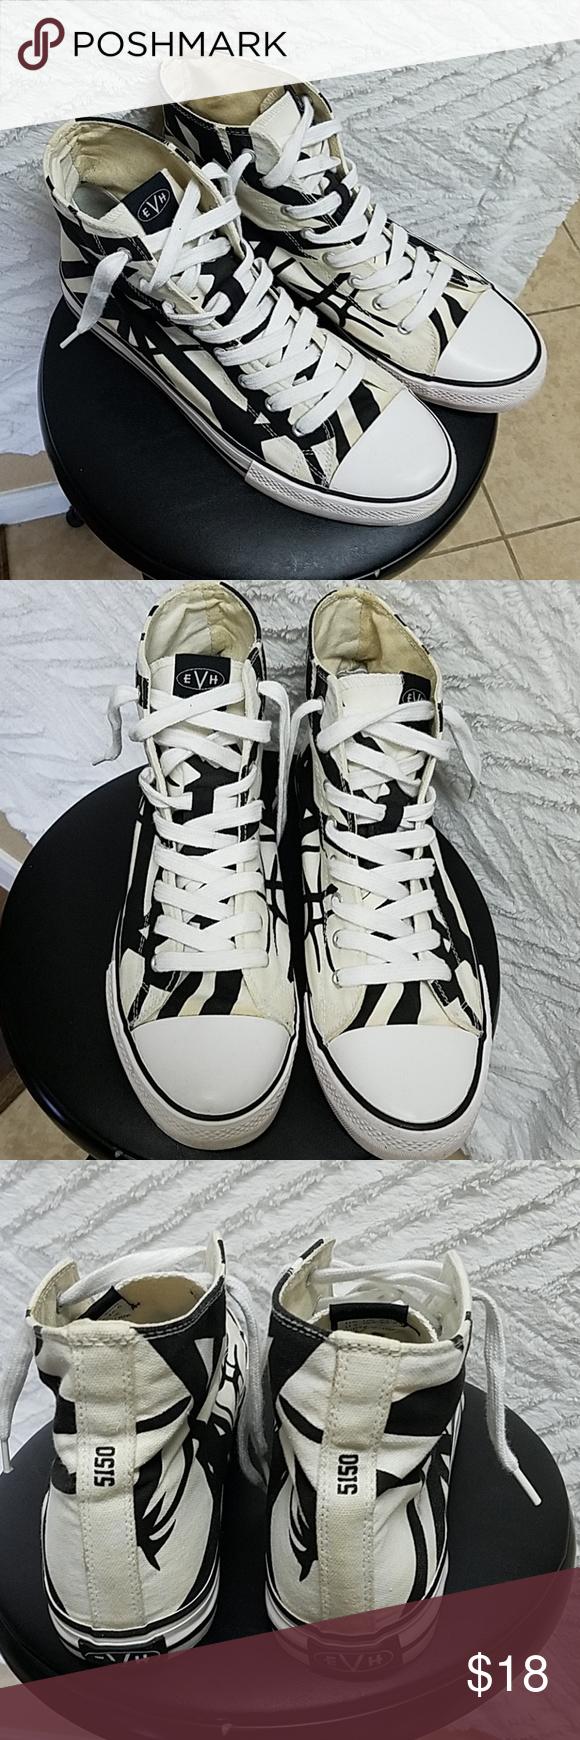 Evh Eddie Van Halen White Black Hi Top Men S Black Sneakers Van Halen Vans High Top Sneaker